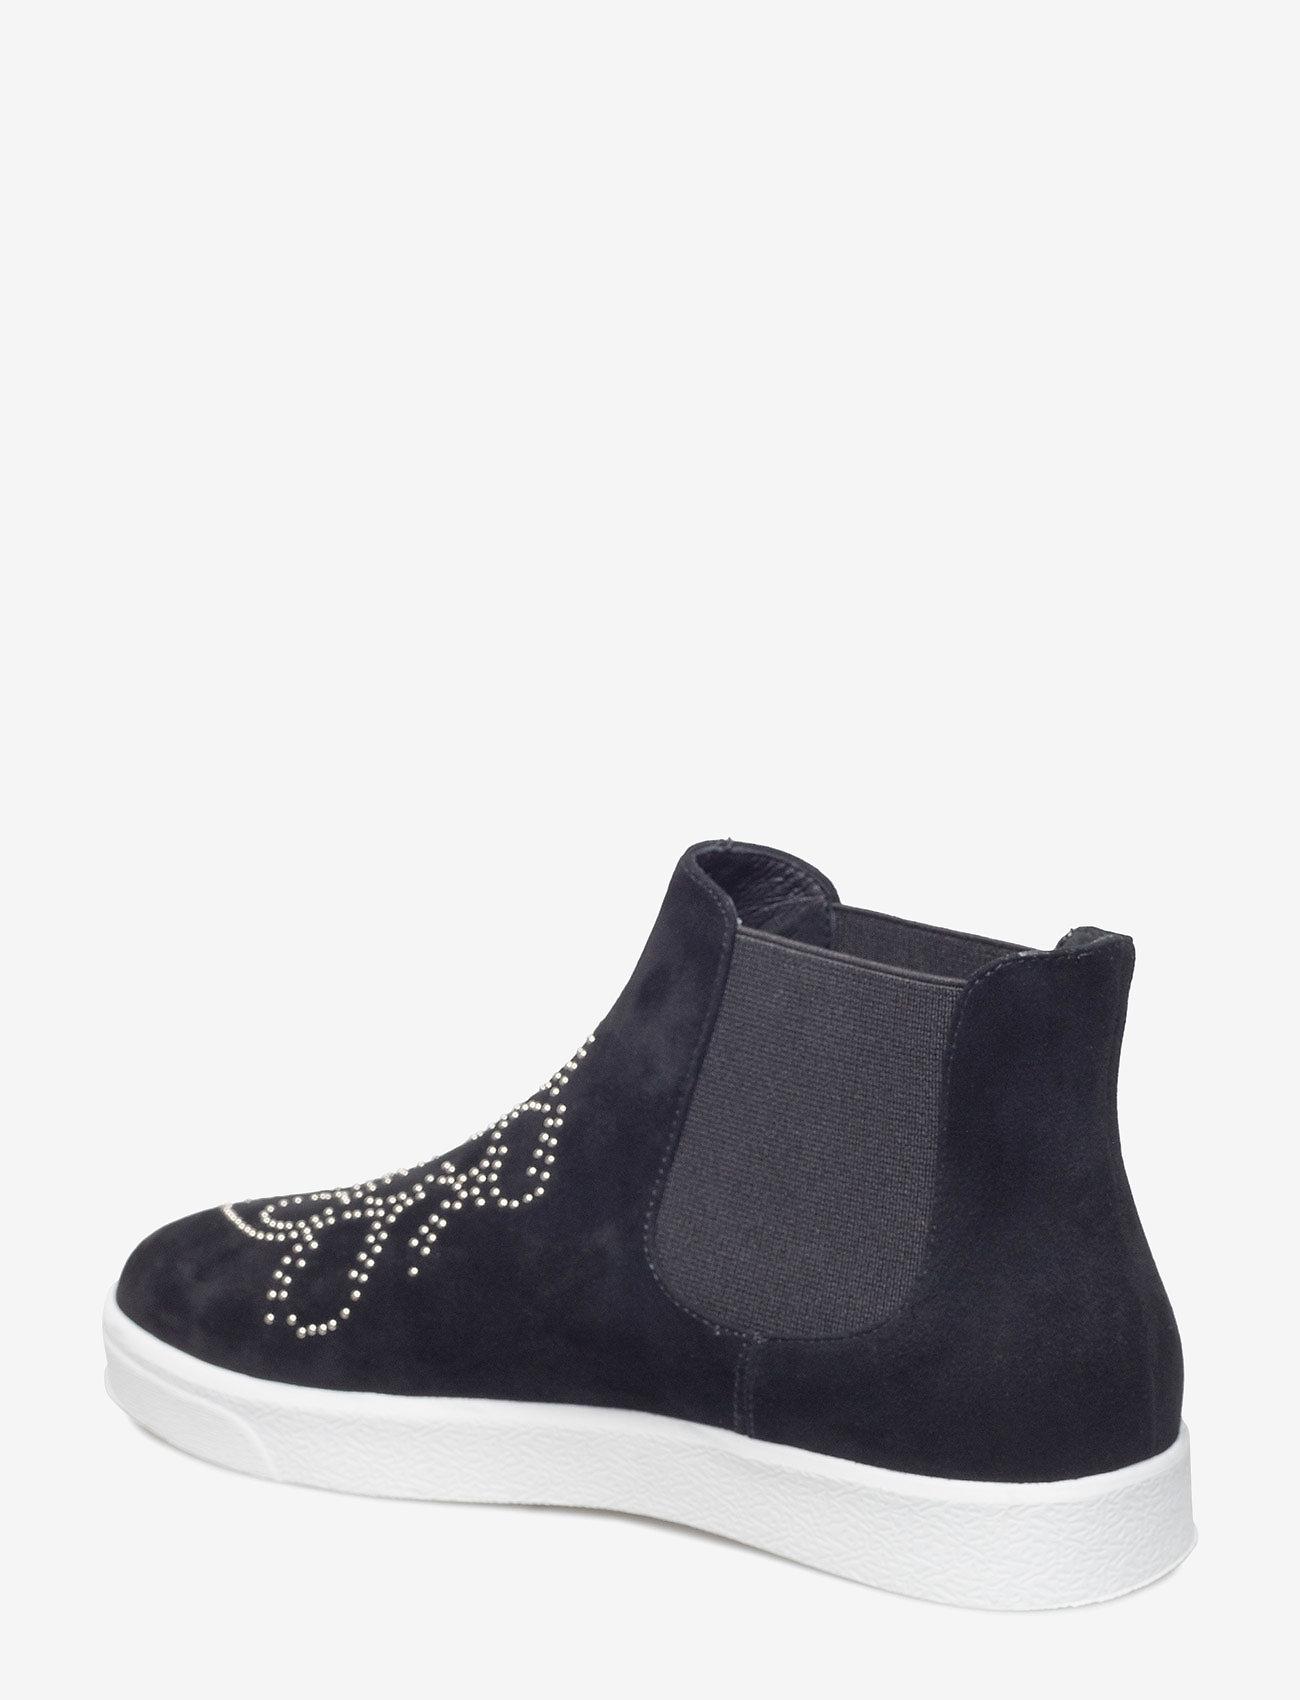 Boot Loafer (Black) - Sofie Schnoor